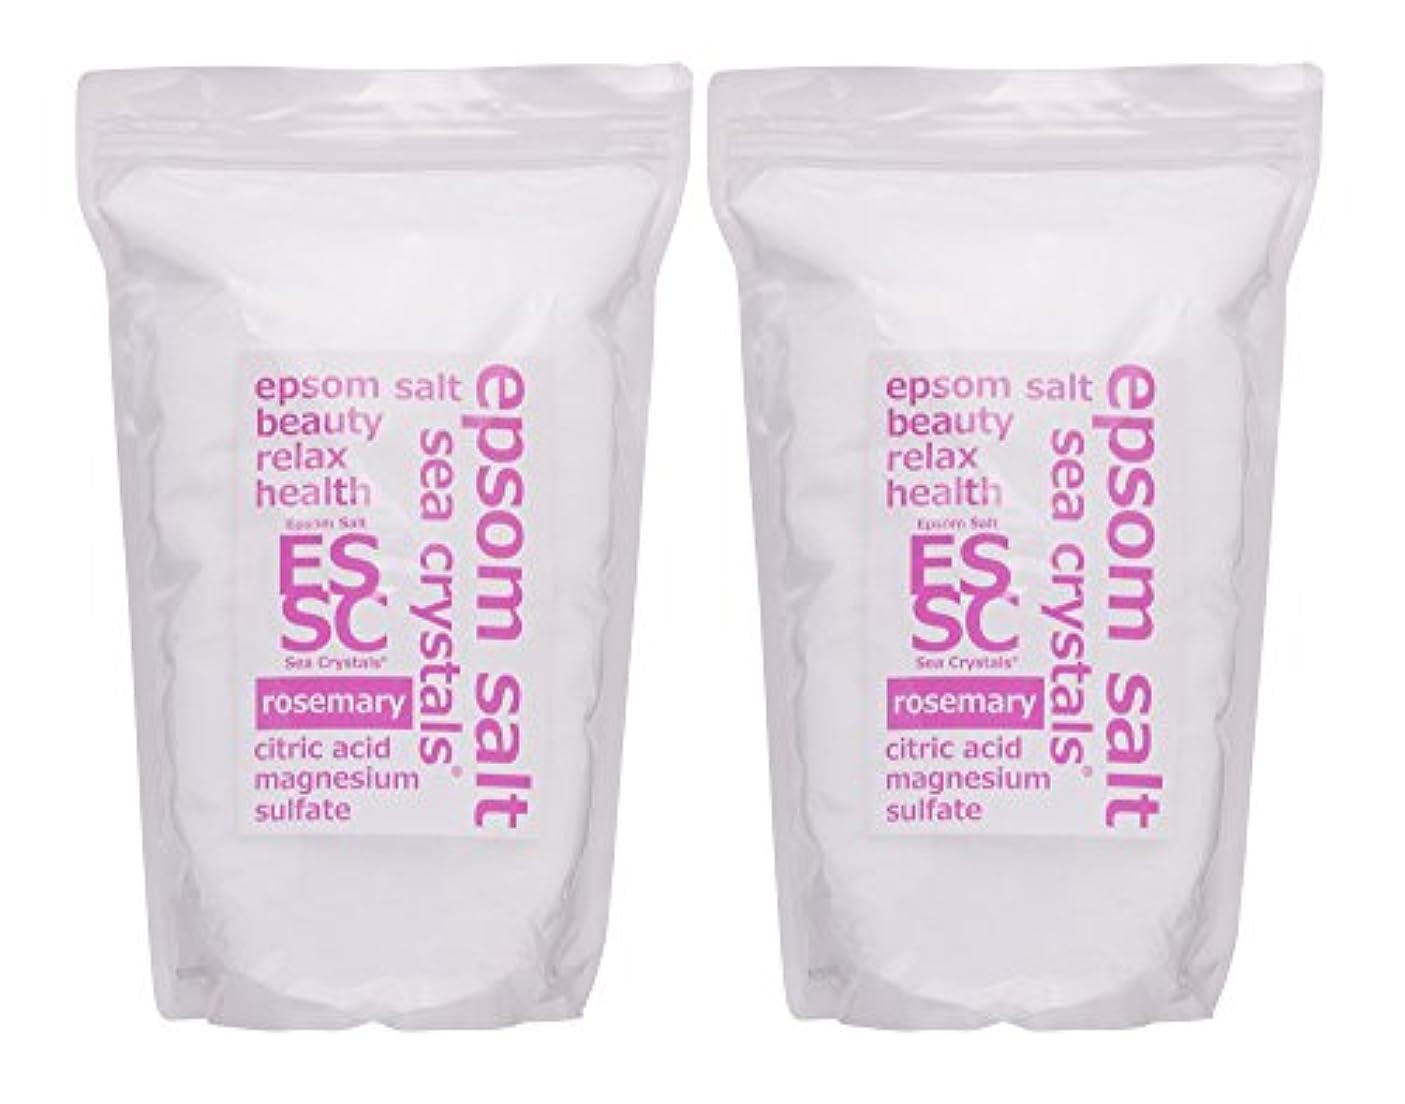 切断するふける地域のエプソムソルト ローズマリーの香り 8kg(4kgX2) 入浴剤(浴用化粧品) クエン酸配合 シークリスタルス 計量スプーン付